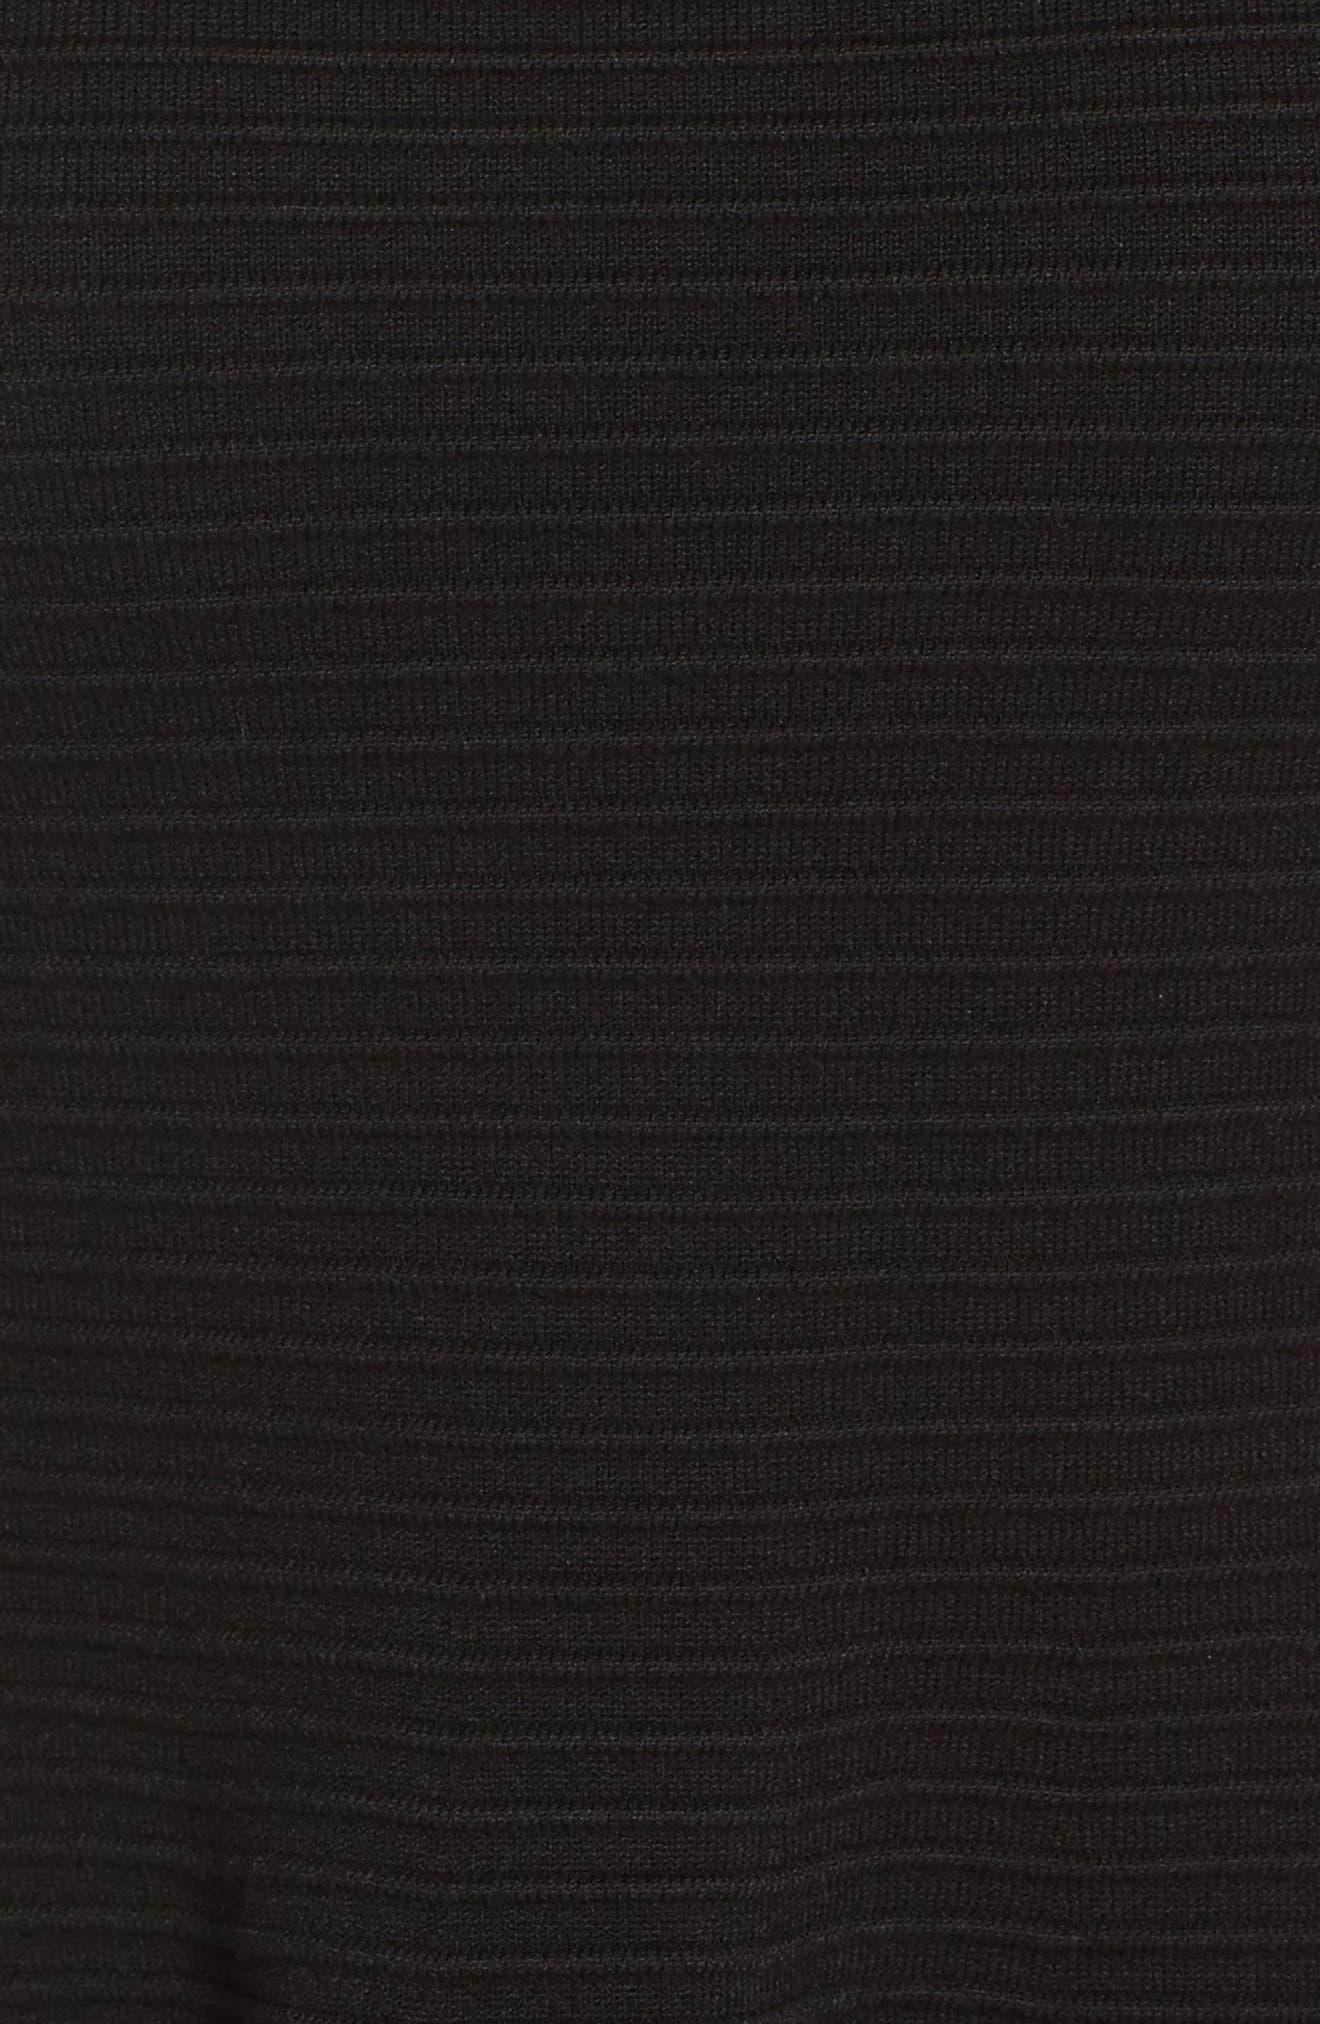 Mesh Fit & Flare Dress,                             Alternate thumbnail 6, color,                             BLACK